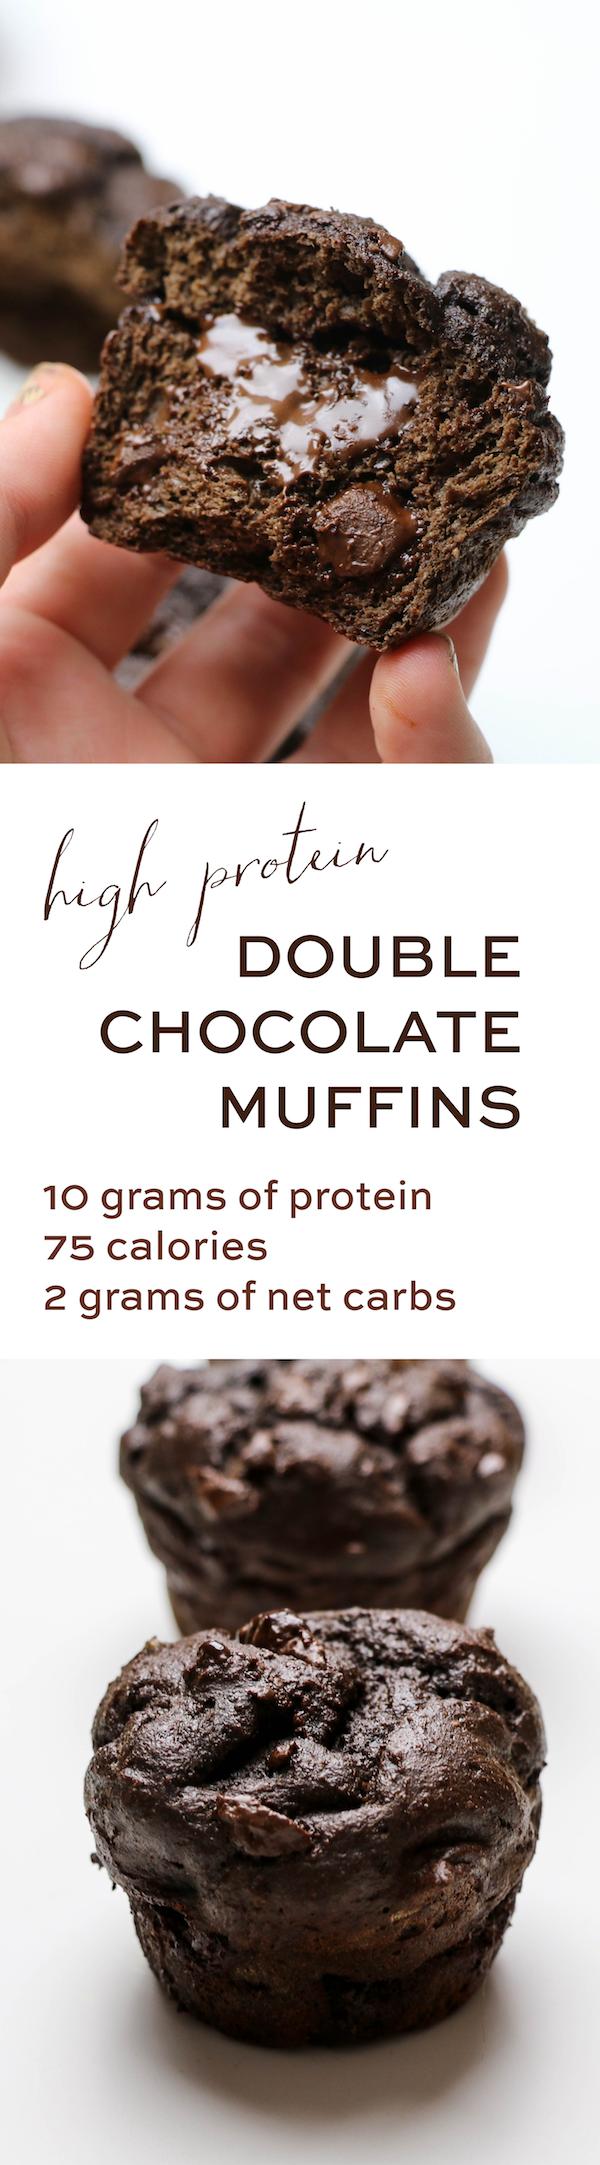 Muffin Pinterest